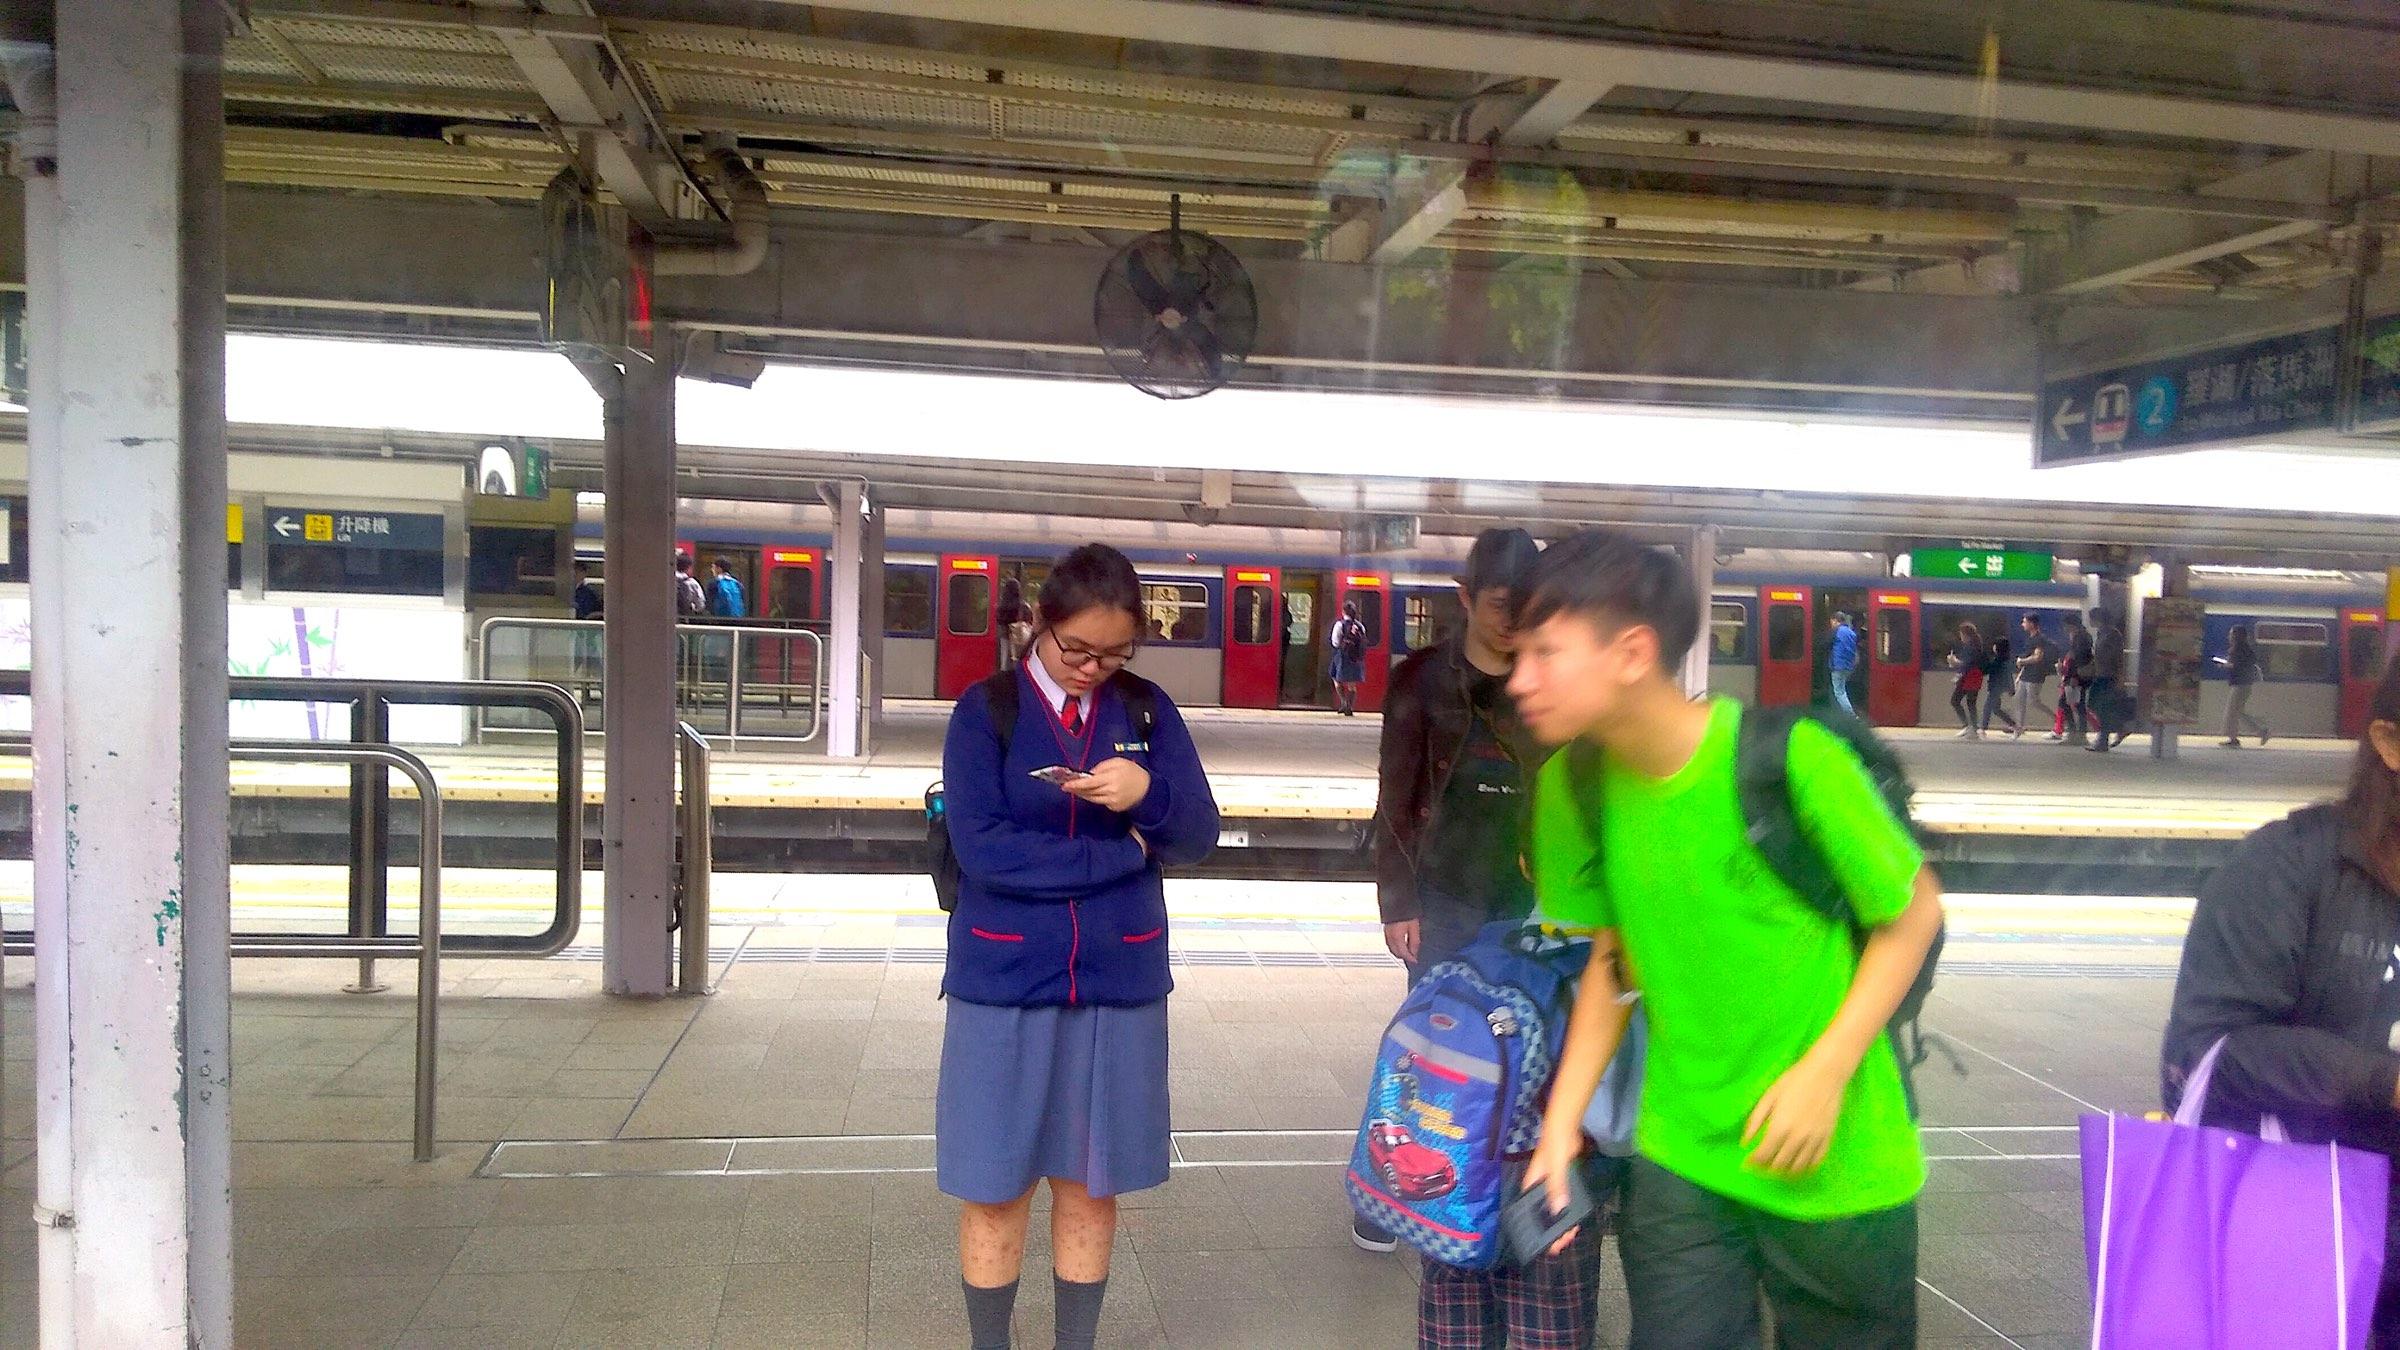 香港 旺角から中国国境の街 深セン 羅湖へ MTR 大埔墟 Tai Po Market Station_[0] 越境して香港の学校に通う子どもたち